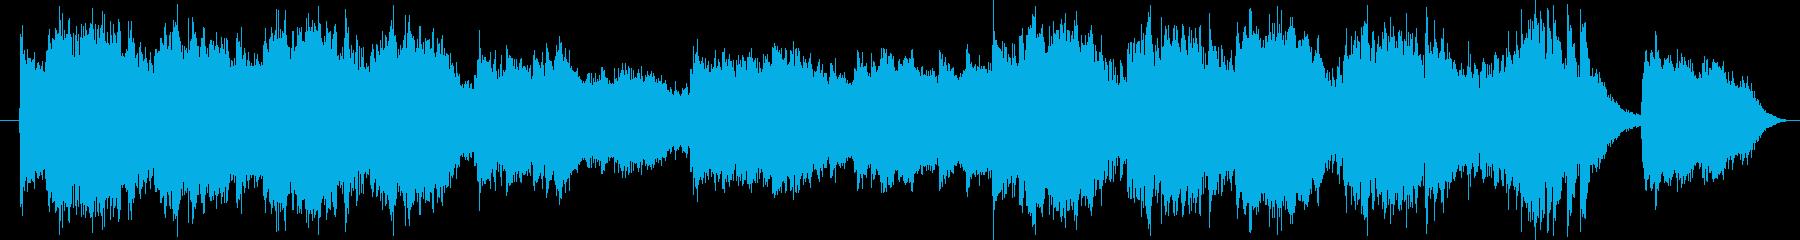 トレーラーとして使える幻想的オーケストラの再生済みの波形